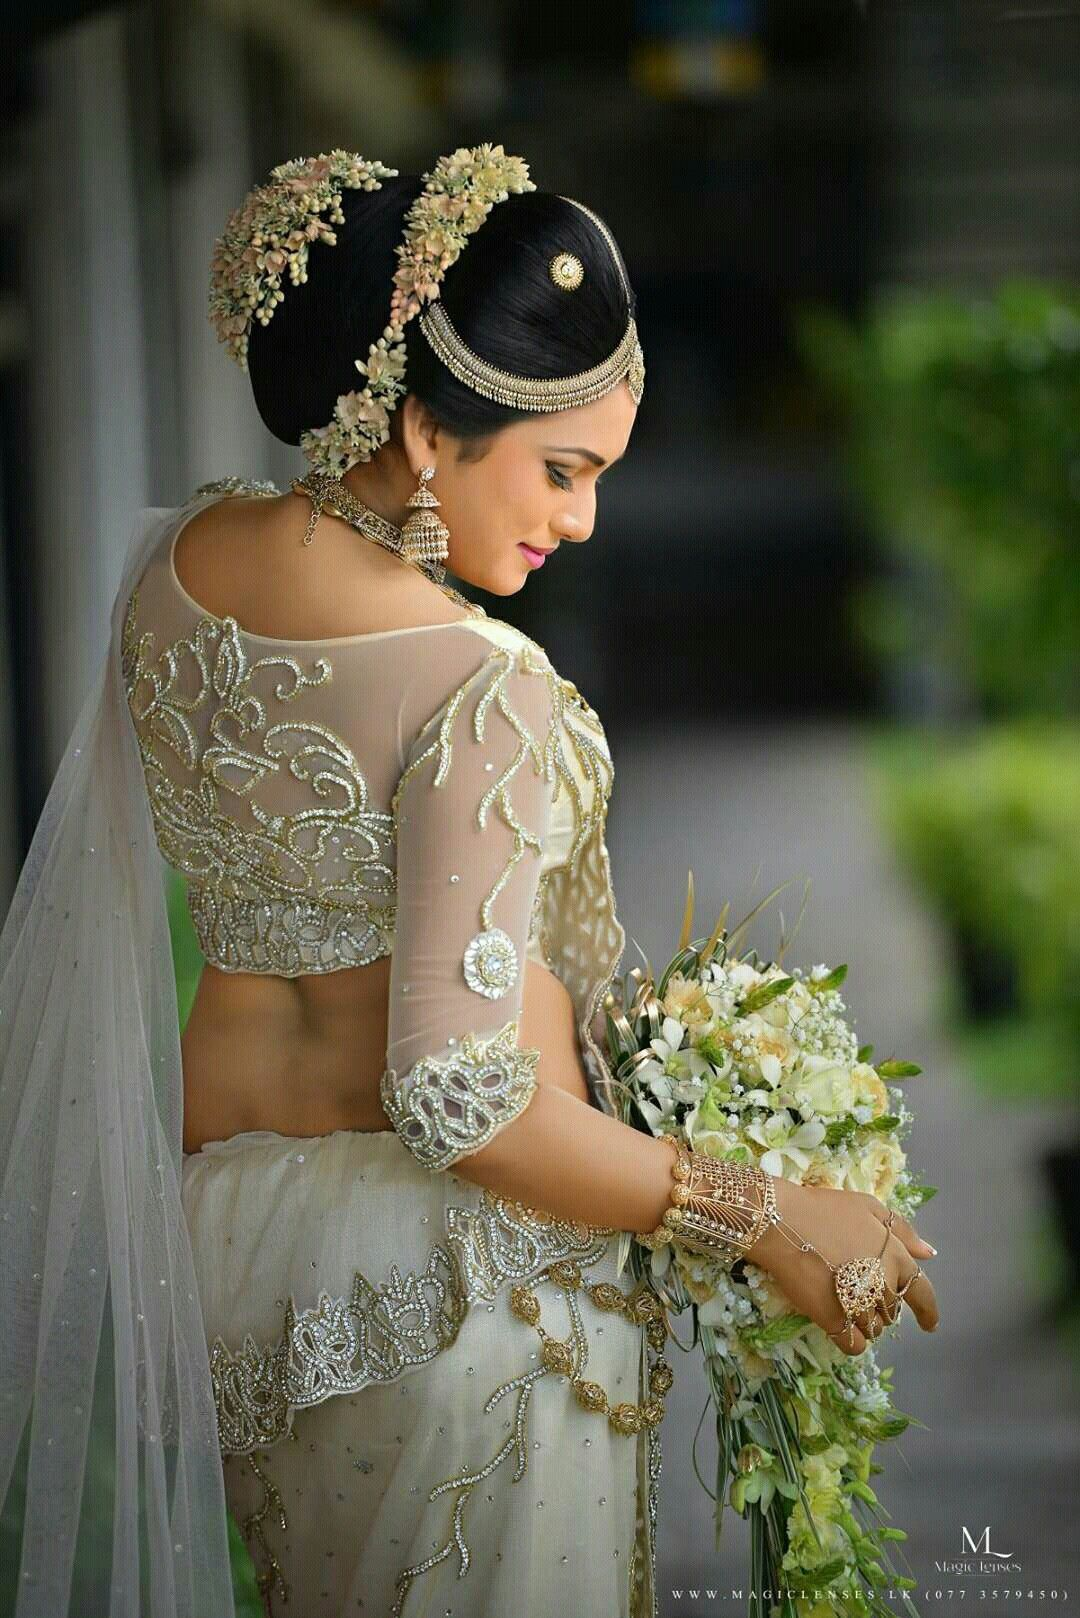 pin by yashodara rathnathilaka on kandyan brides | bridal